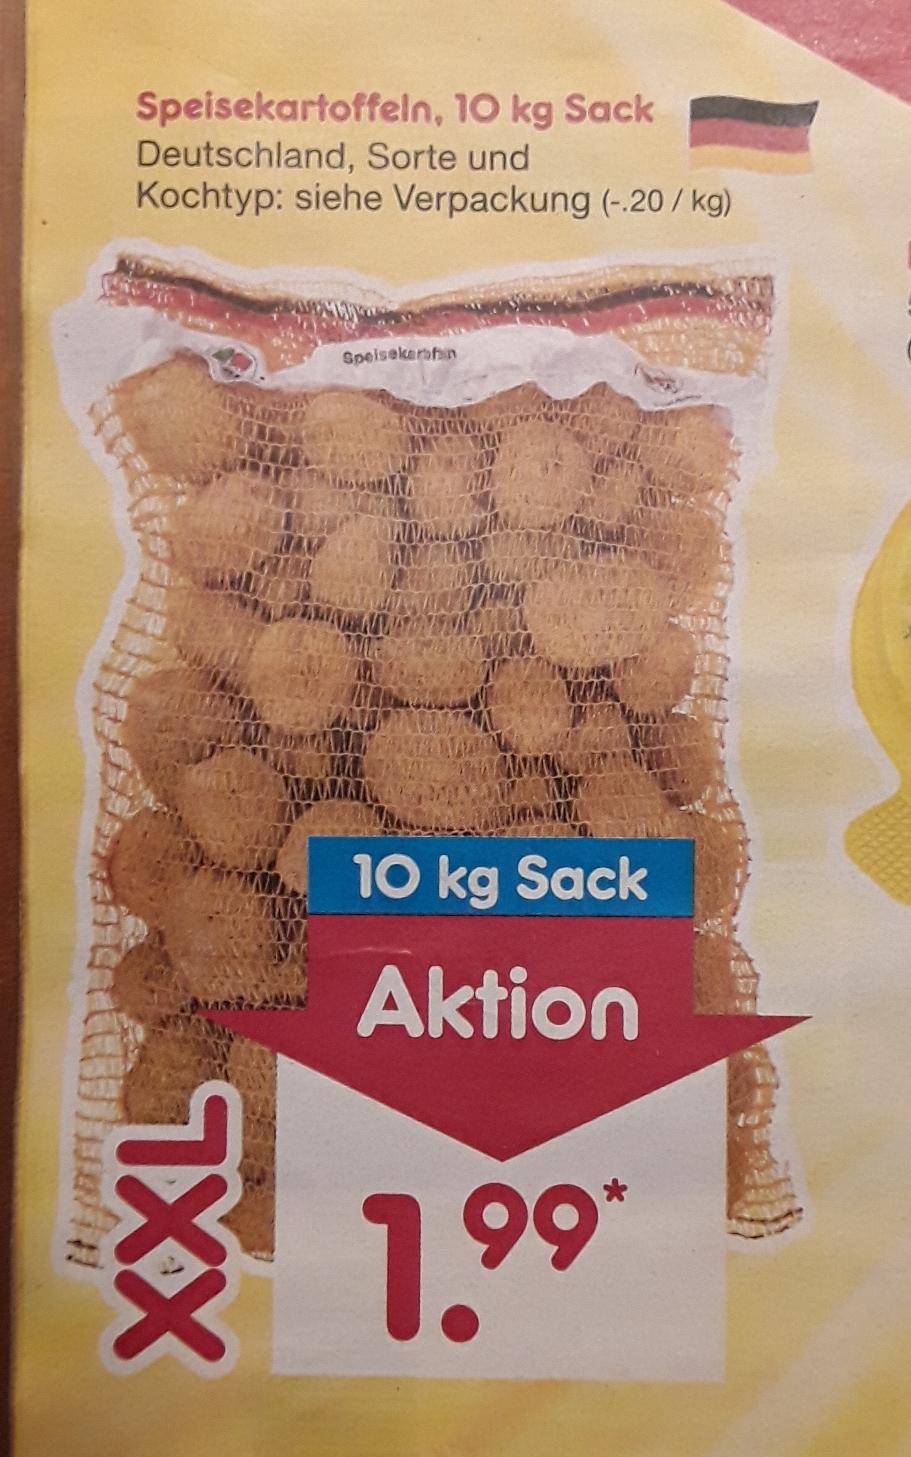 10 kg Sack deutsche Kartoffeln für 1,99 € (0,20€/kg) @ Netto MD am 11.11.2017 bzw. 25.11.17